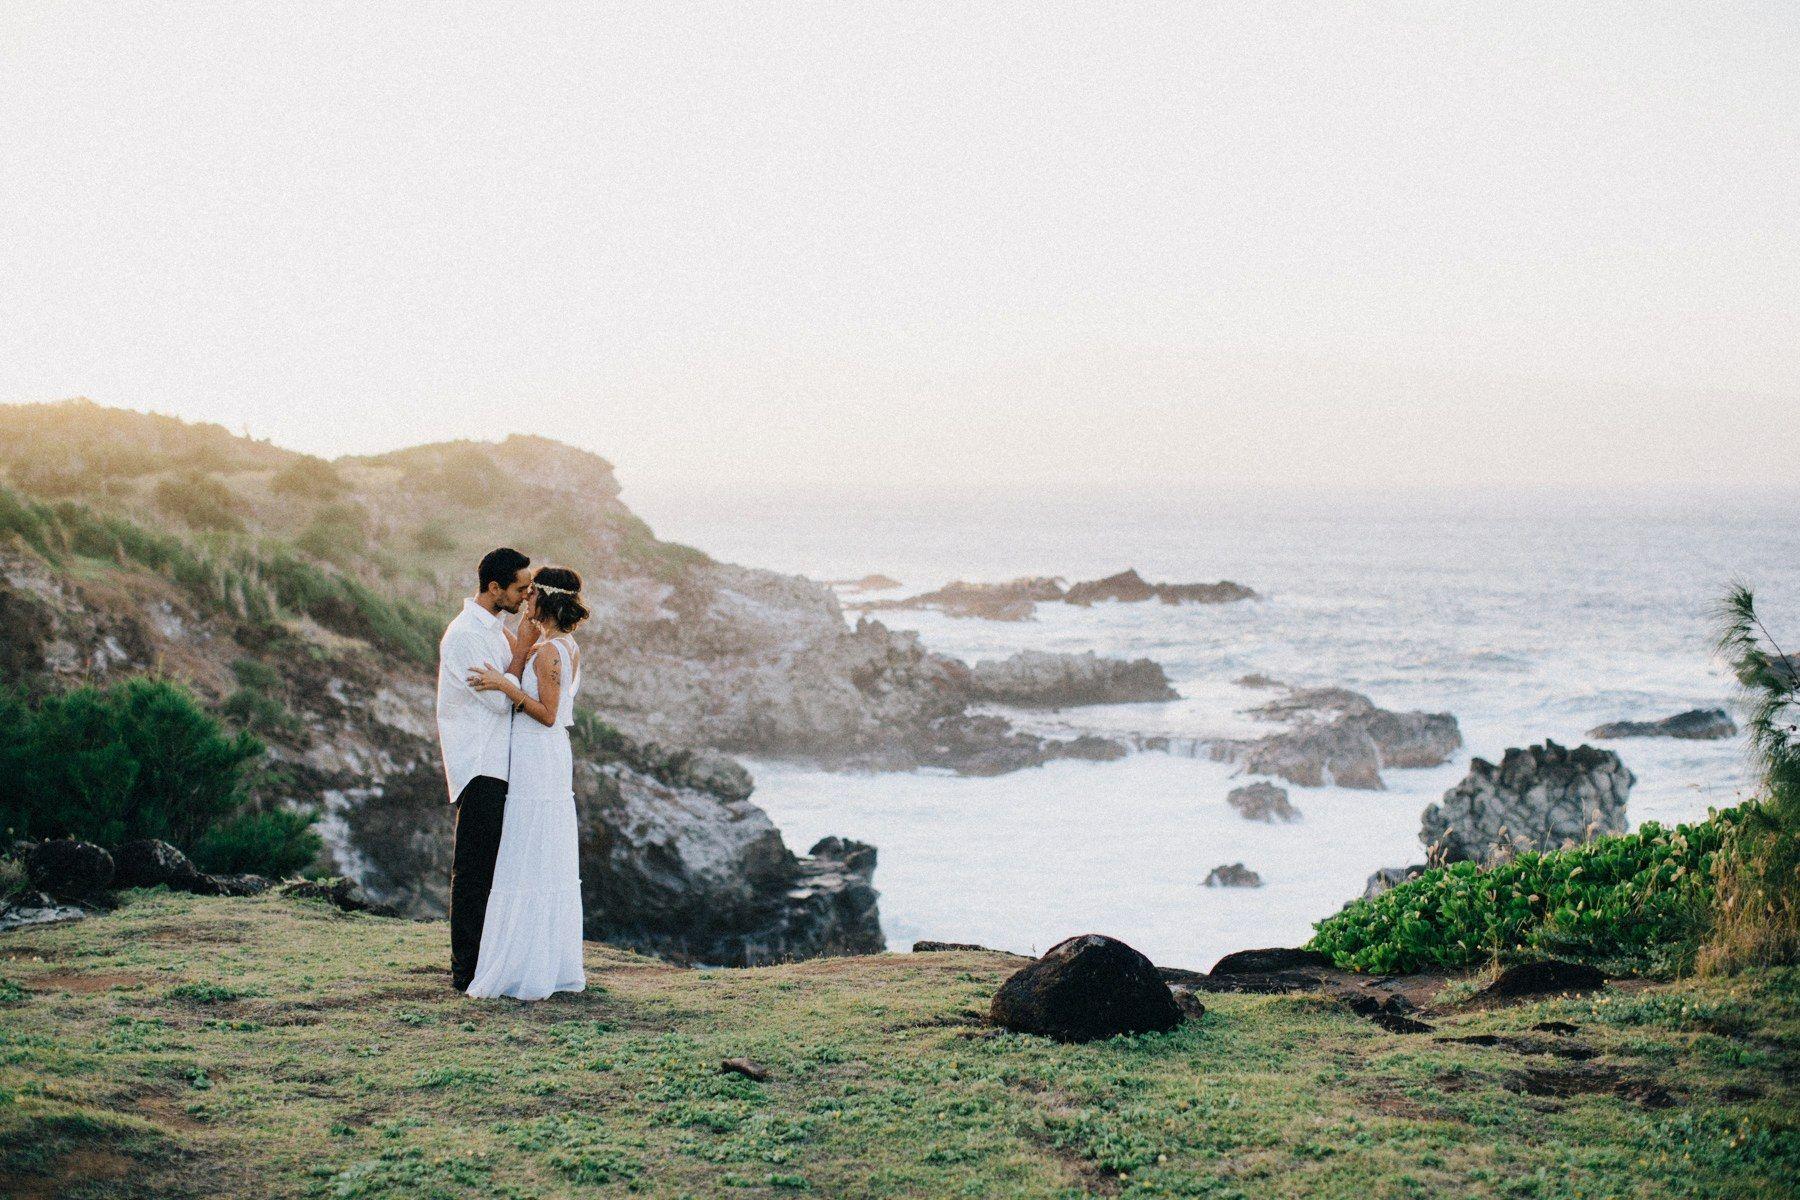 Pin by vanya tomova on wedding pinterest maui hawaii wedding